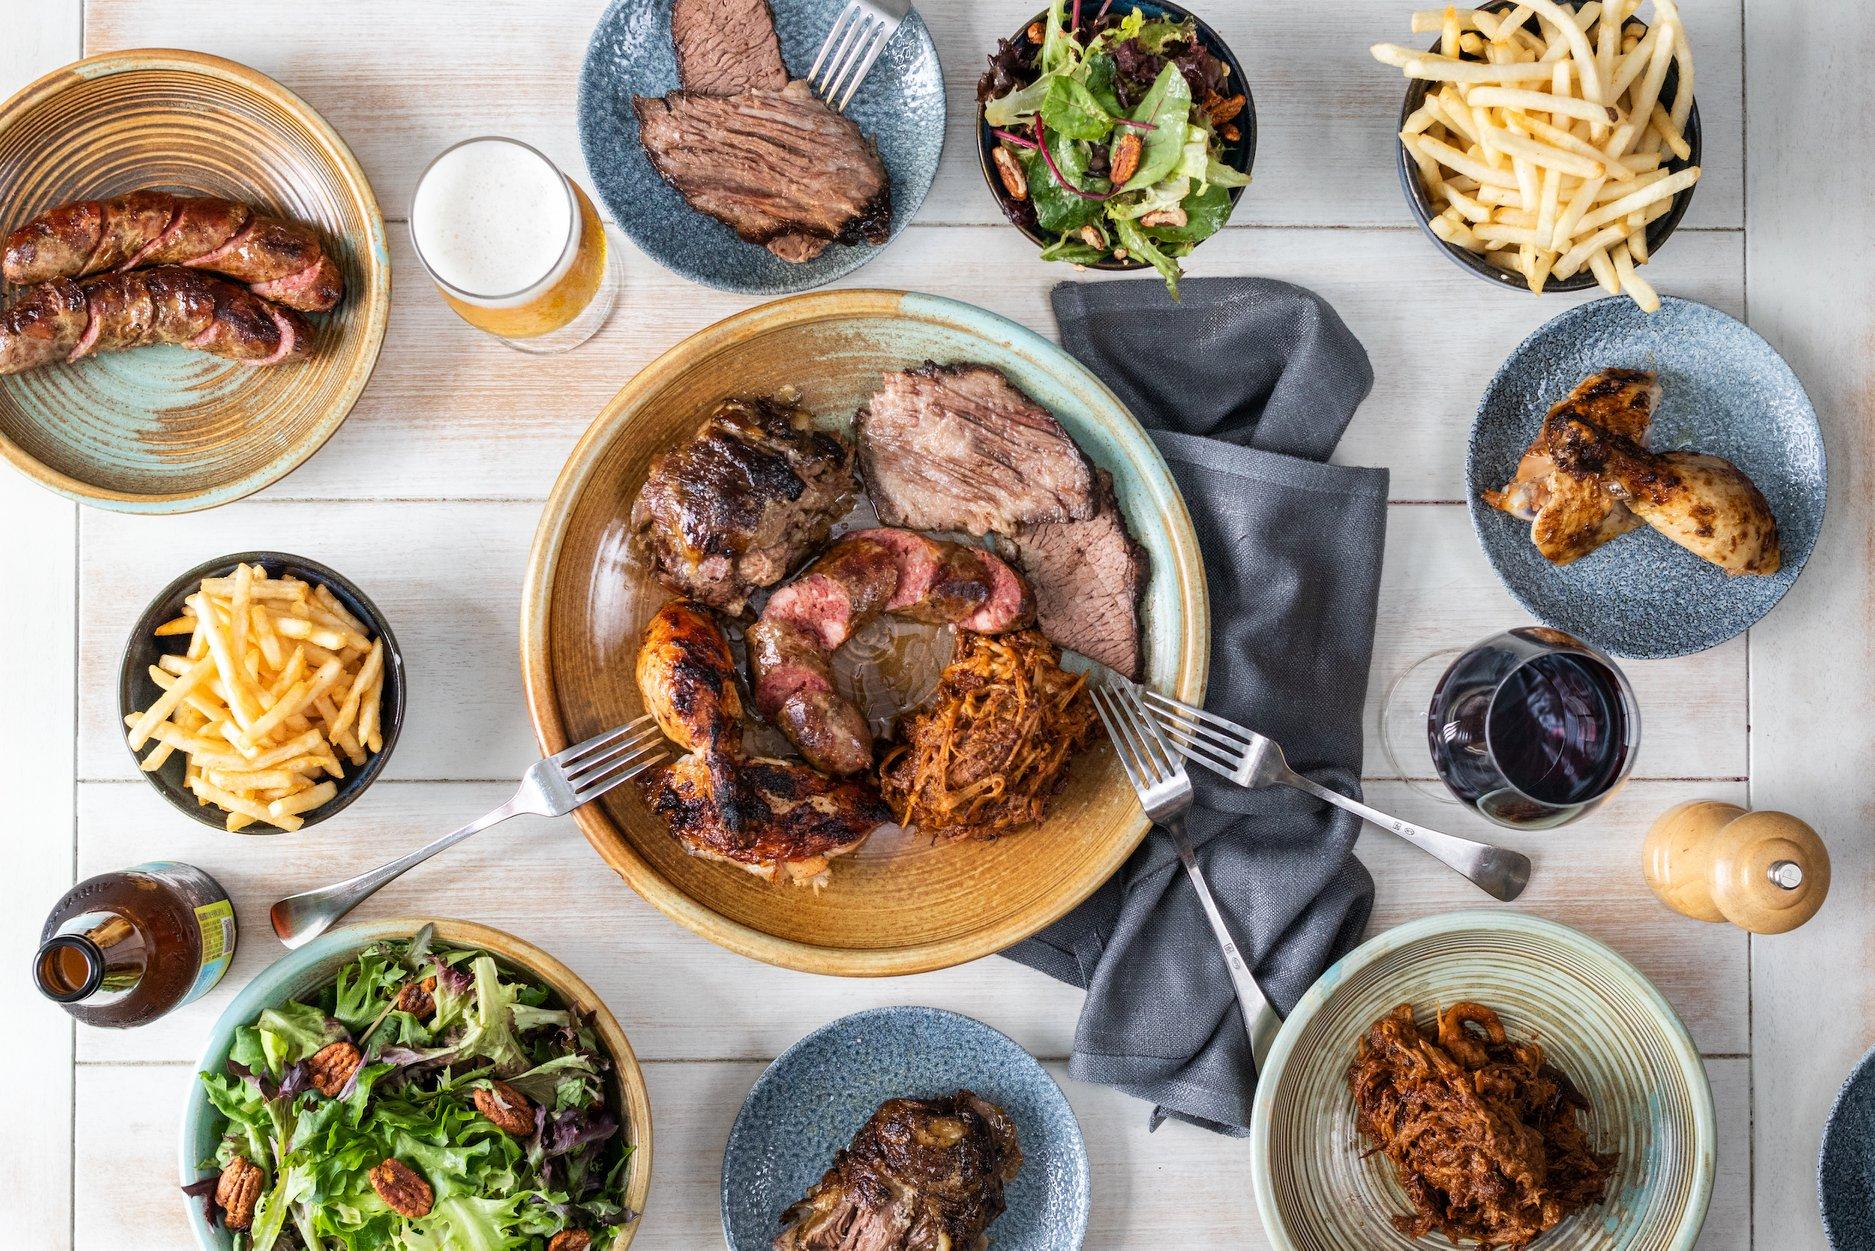 Flatlay of menu items at NOLA Smokehouse and Bar restaurant Barangaroo